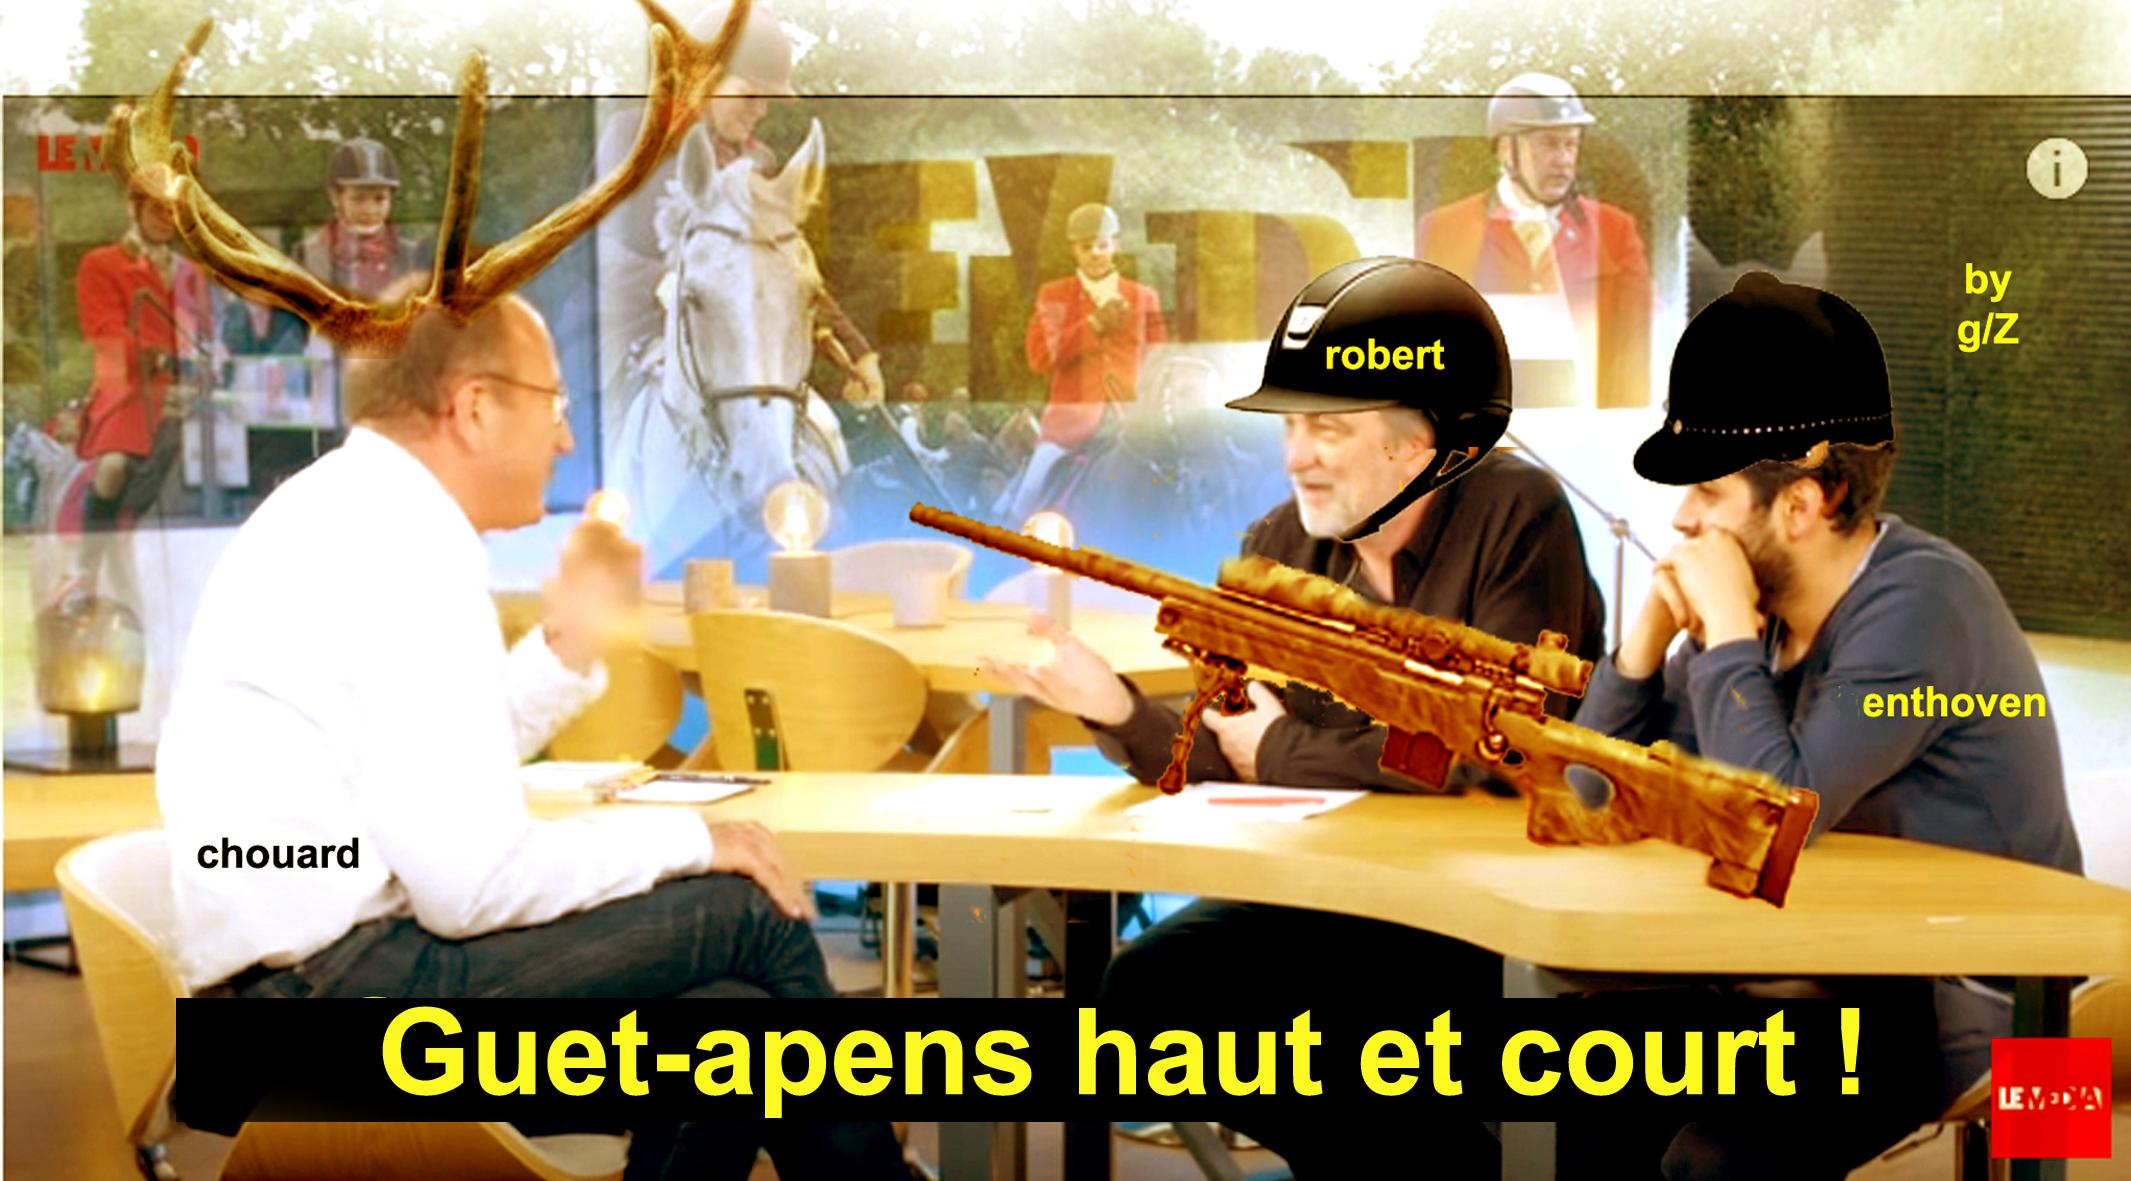 Etienne Chouard : On l'a laissé choir& Et il chut !